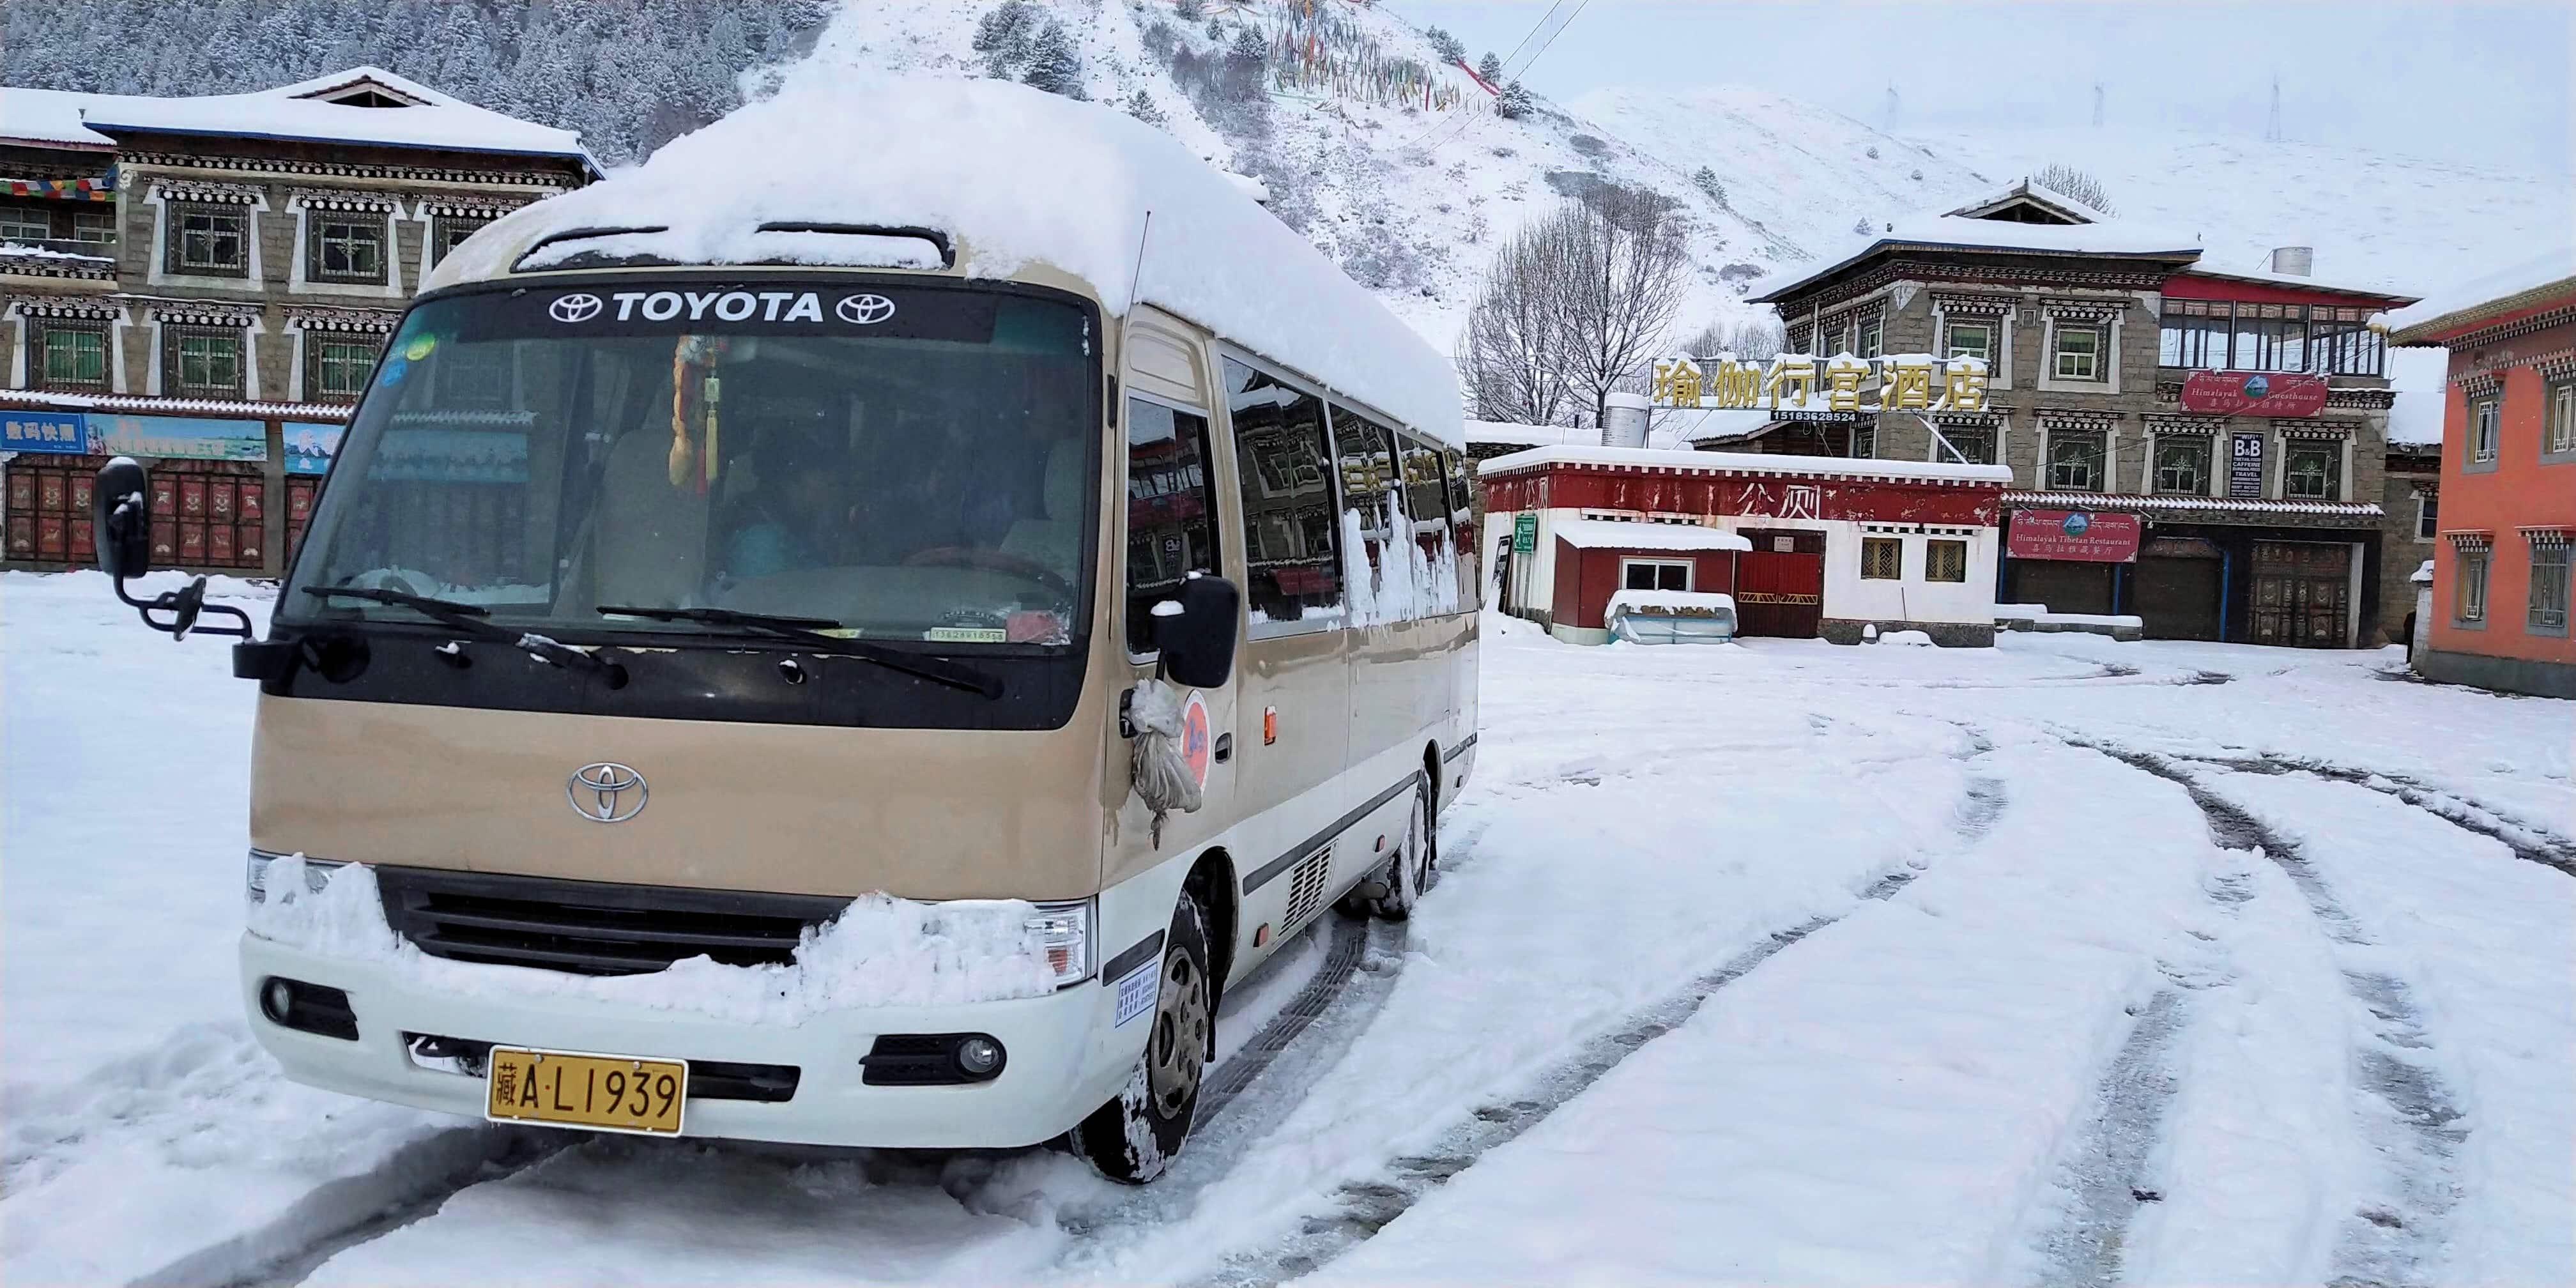 Minivan in winter